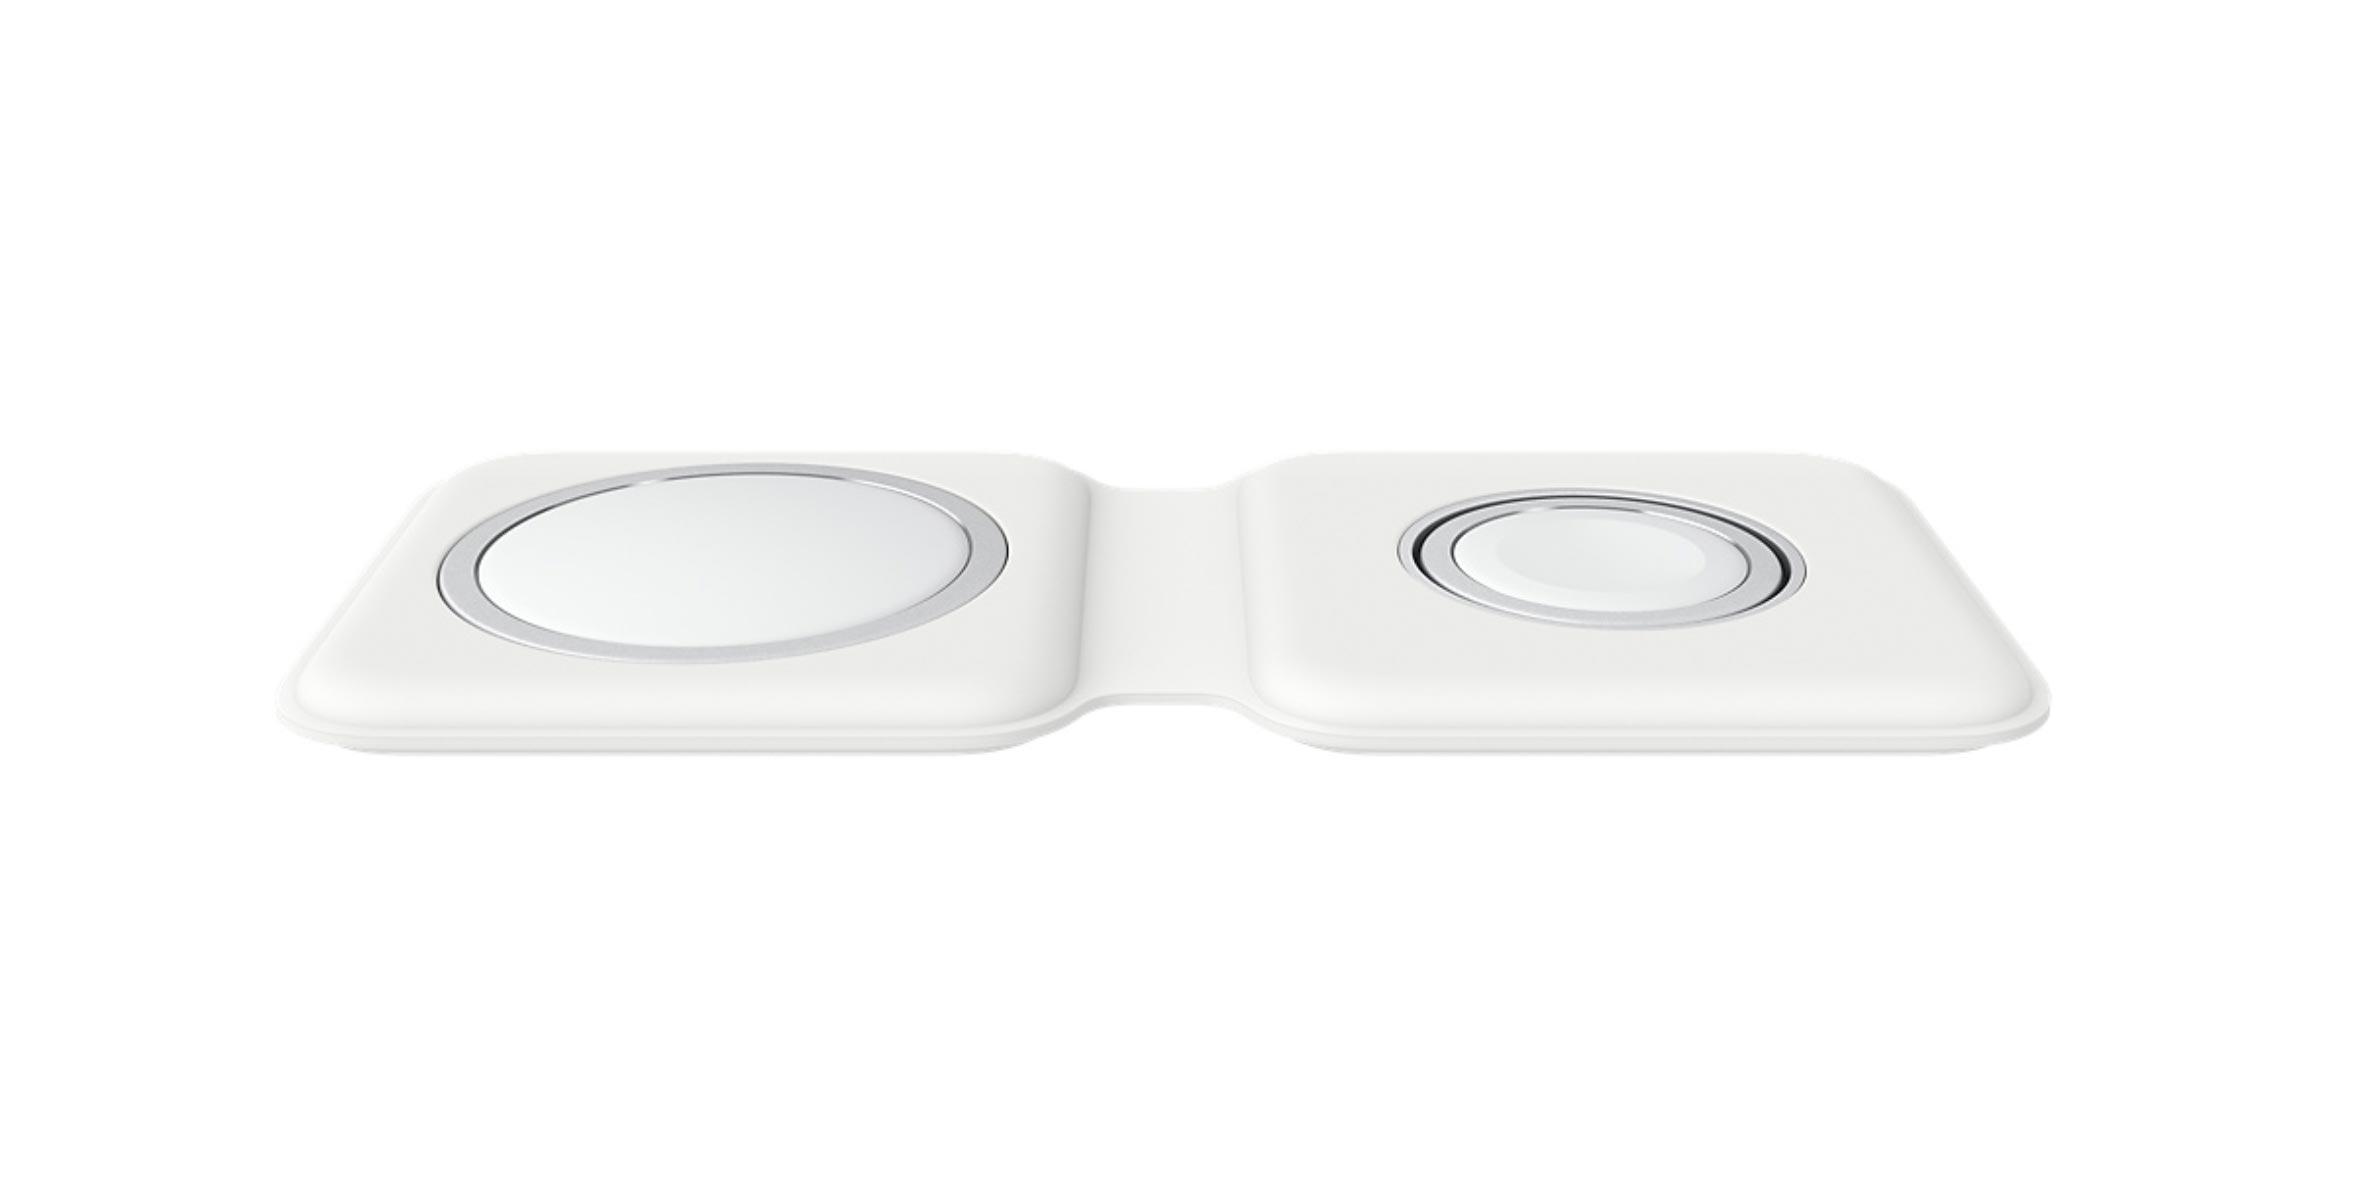 Il caricabatterie wireless Apple MagSafe Duo è finalmente disponibile 1